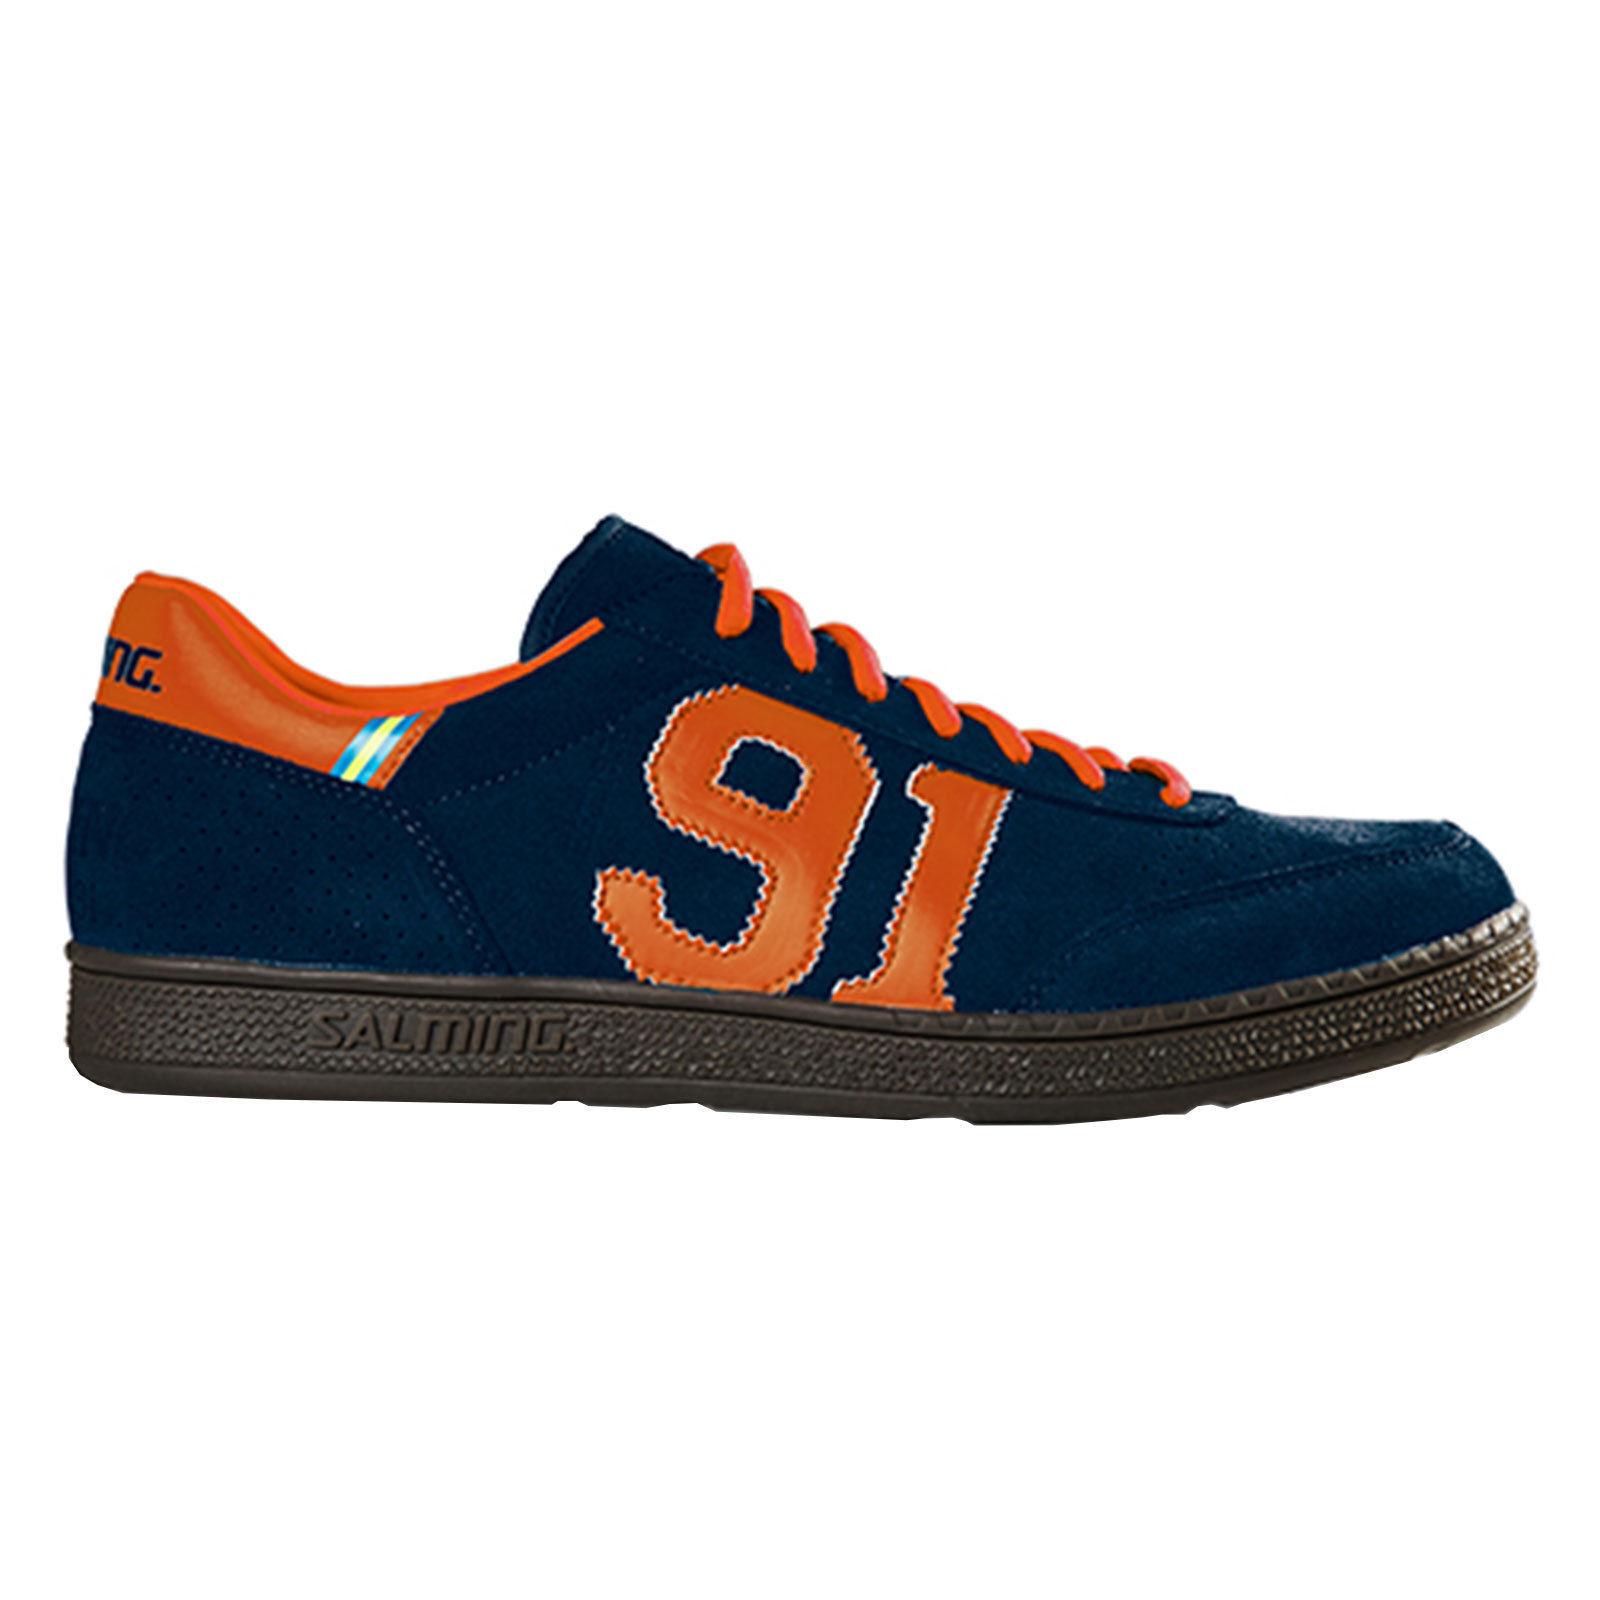 SALMING NINETYONE scarpe 91 91 91 41 42 NUOVO  pallamano scarpe da ginnastica spezial portiere 7b095d